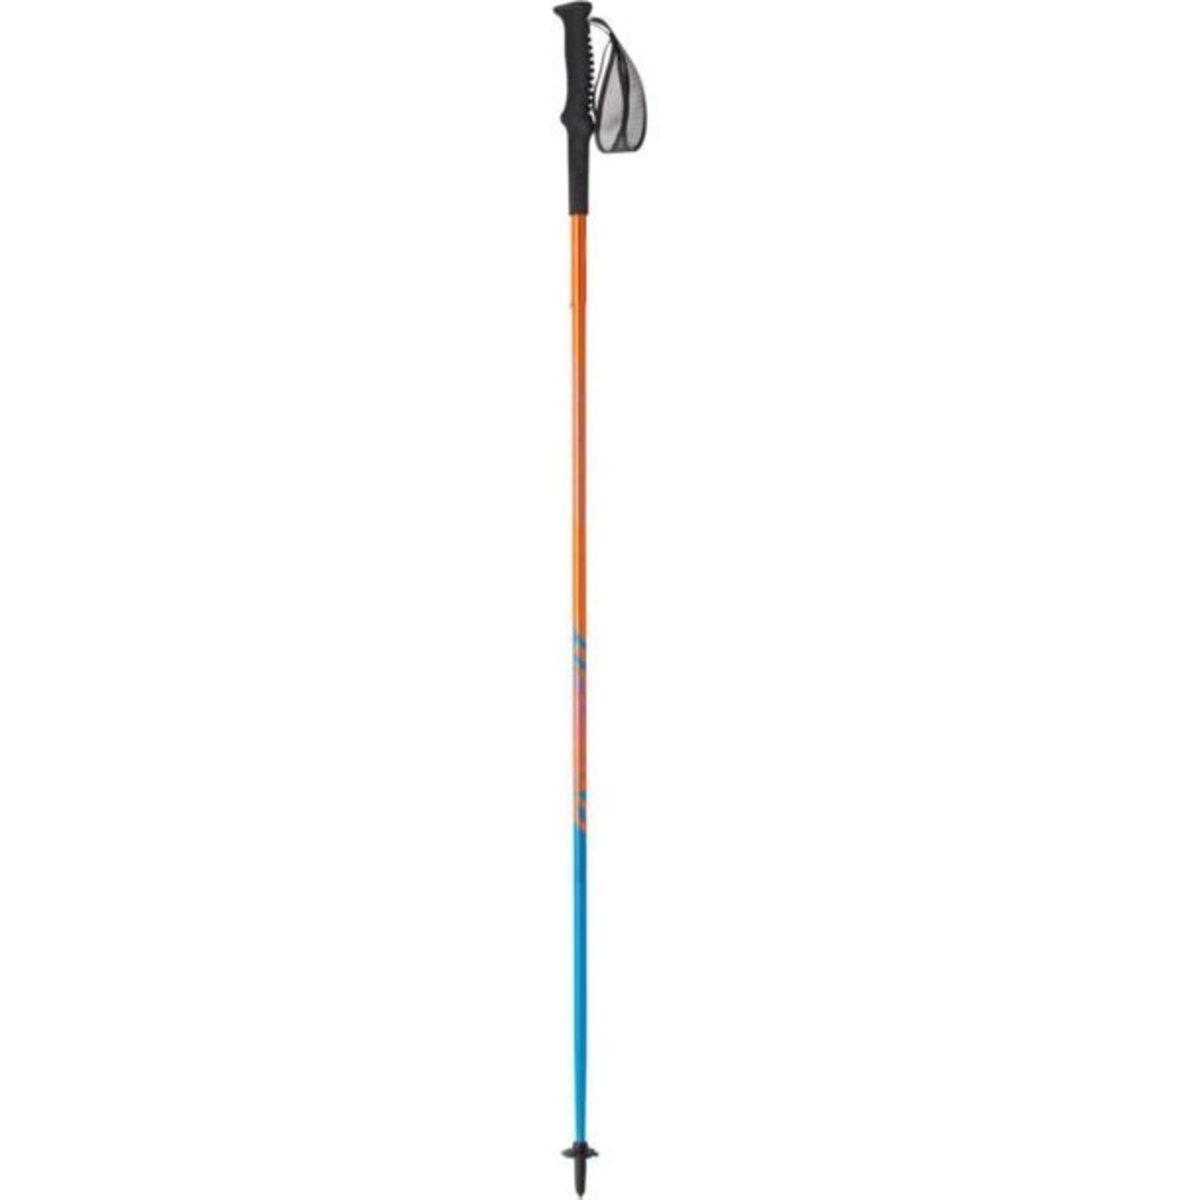 Vert Pole General Lee/Methyl Blue 115